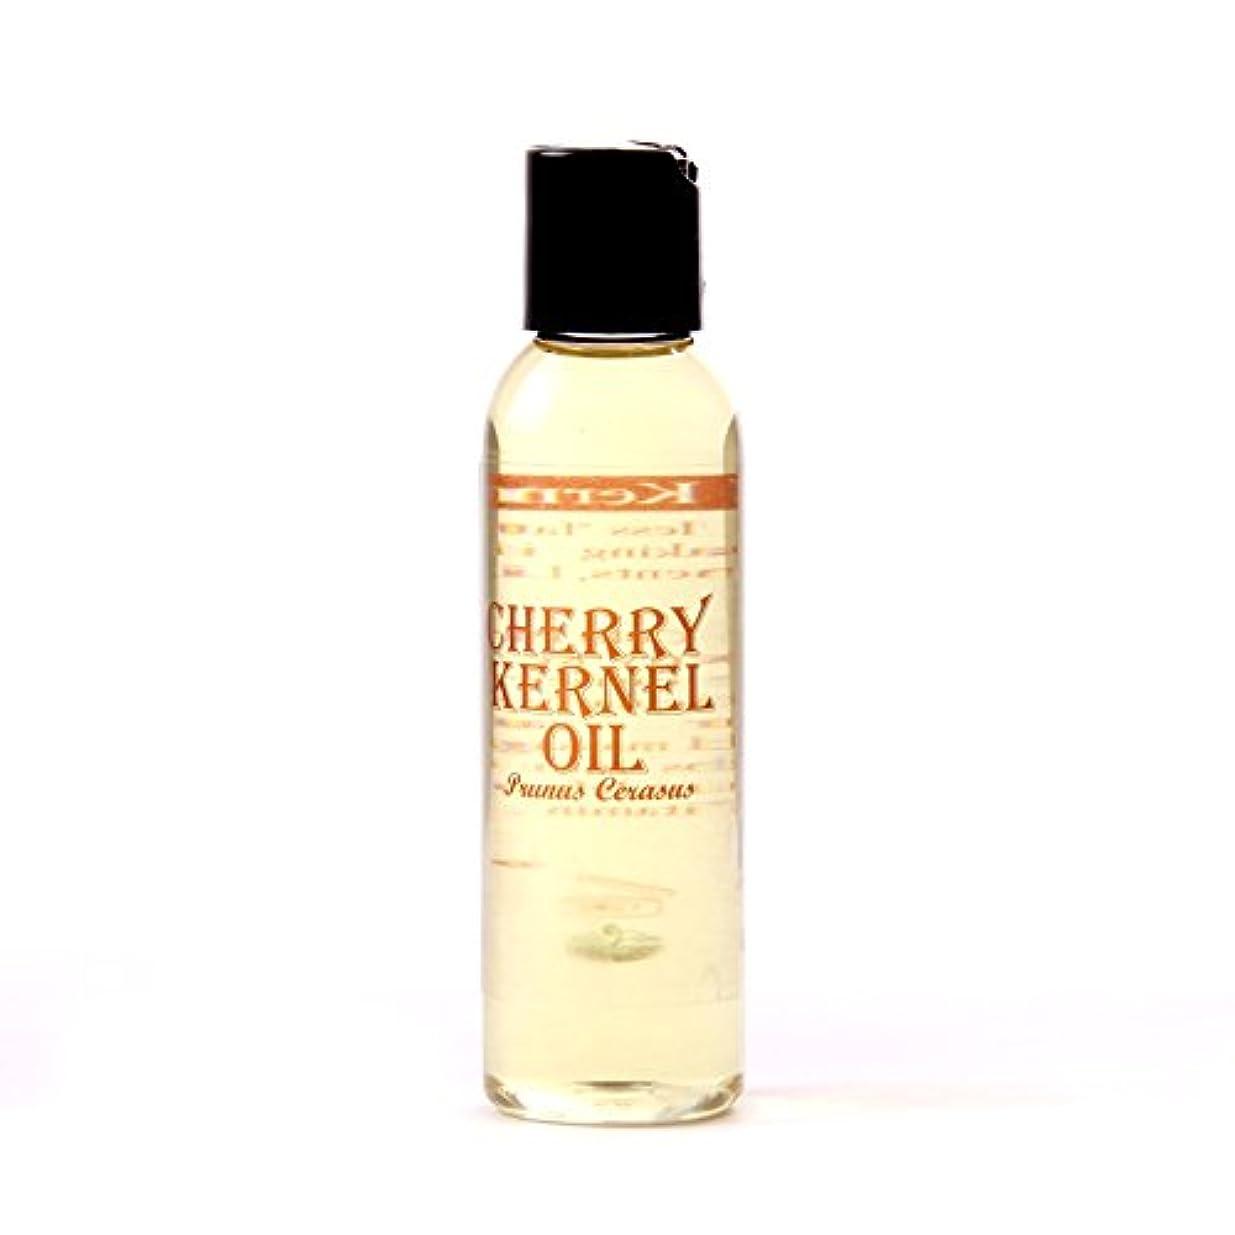 第九タオル深遠Mystic Moments | Cherry Kernel Carrier Oil - 125ml - 100% Pure